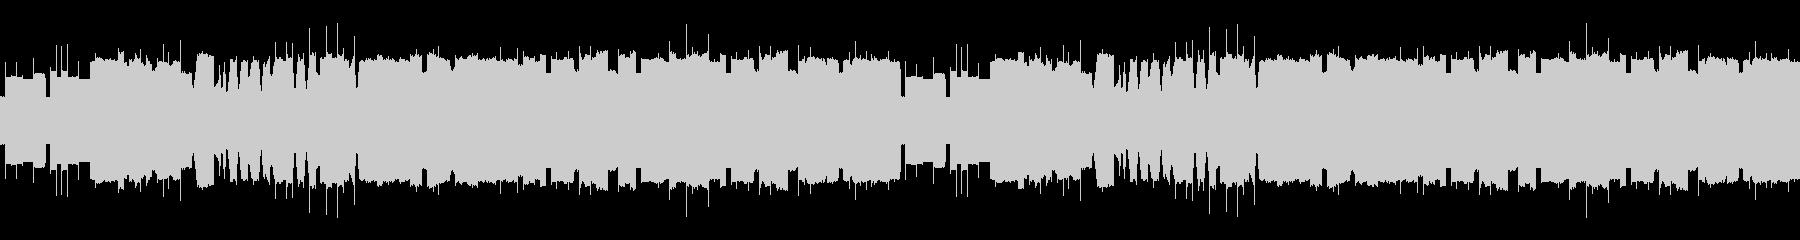 ファミコンサウンド 魔王の城の未再生の波形